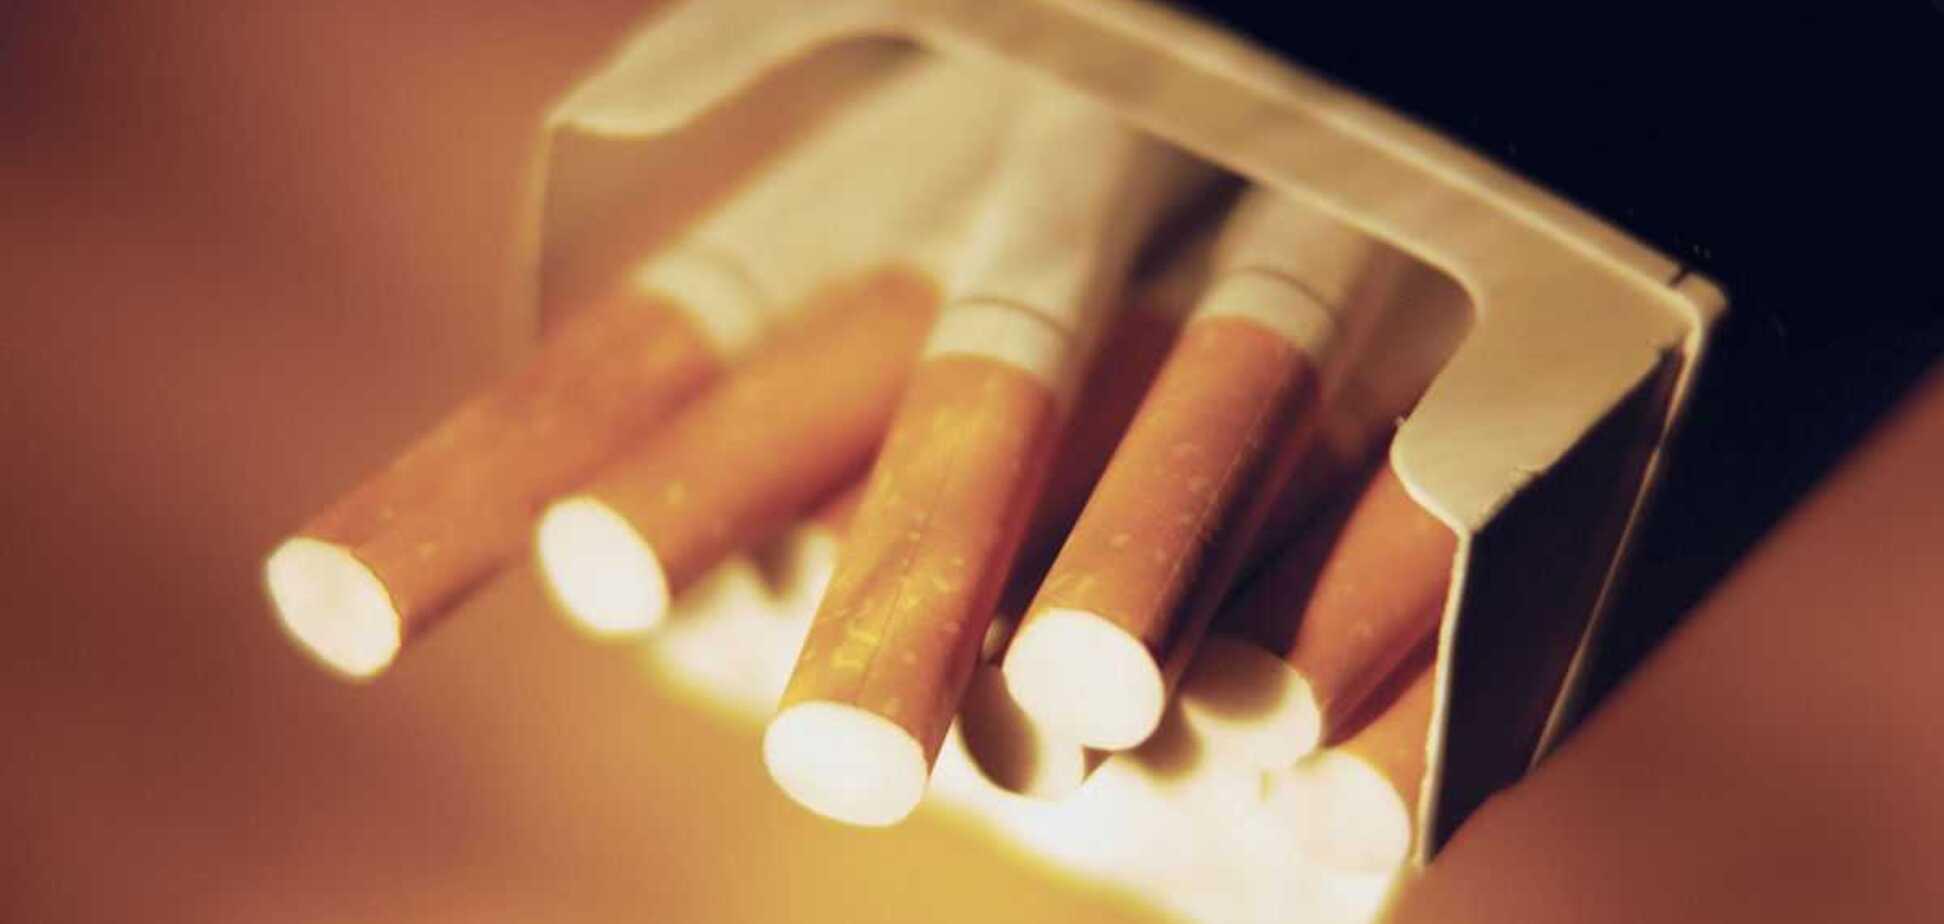 Ціна на сигарети